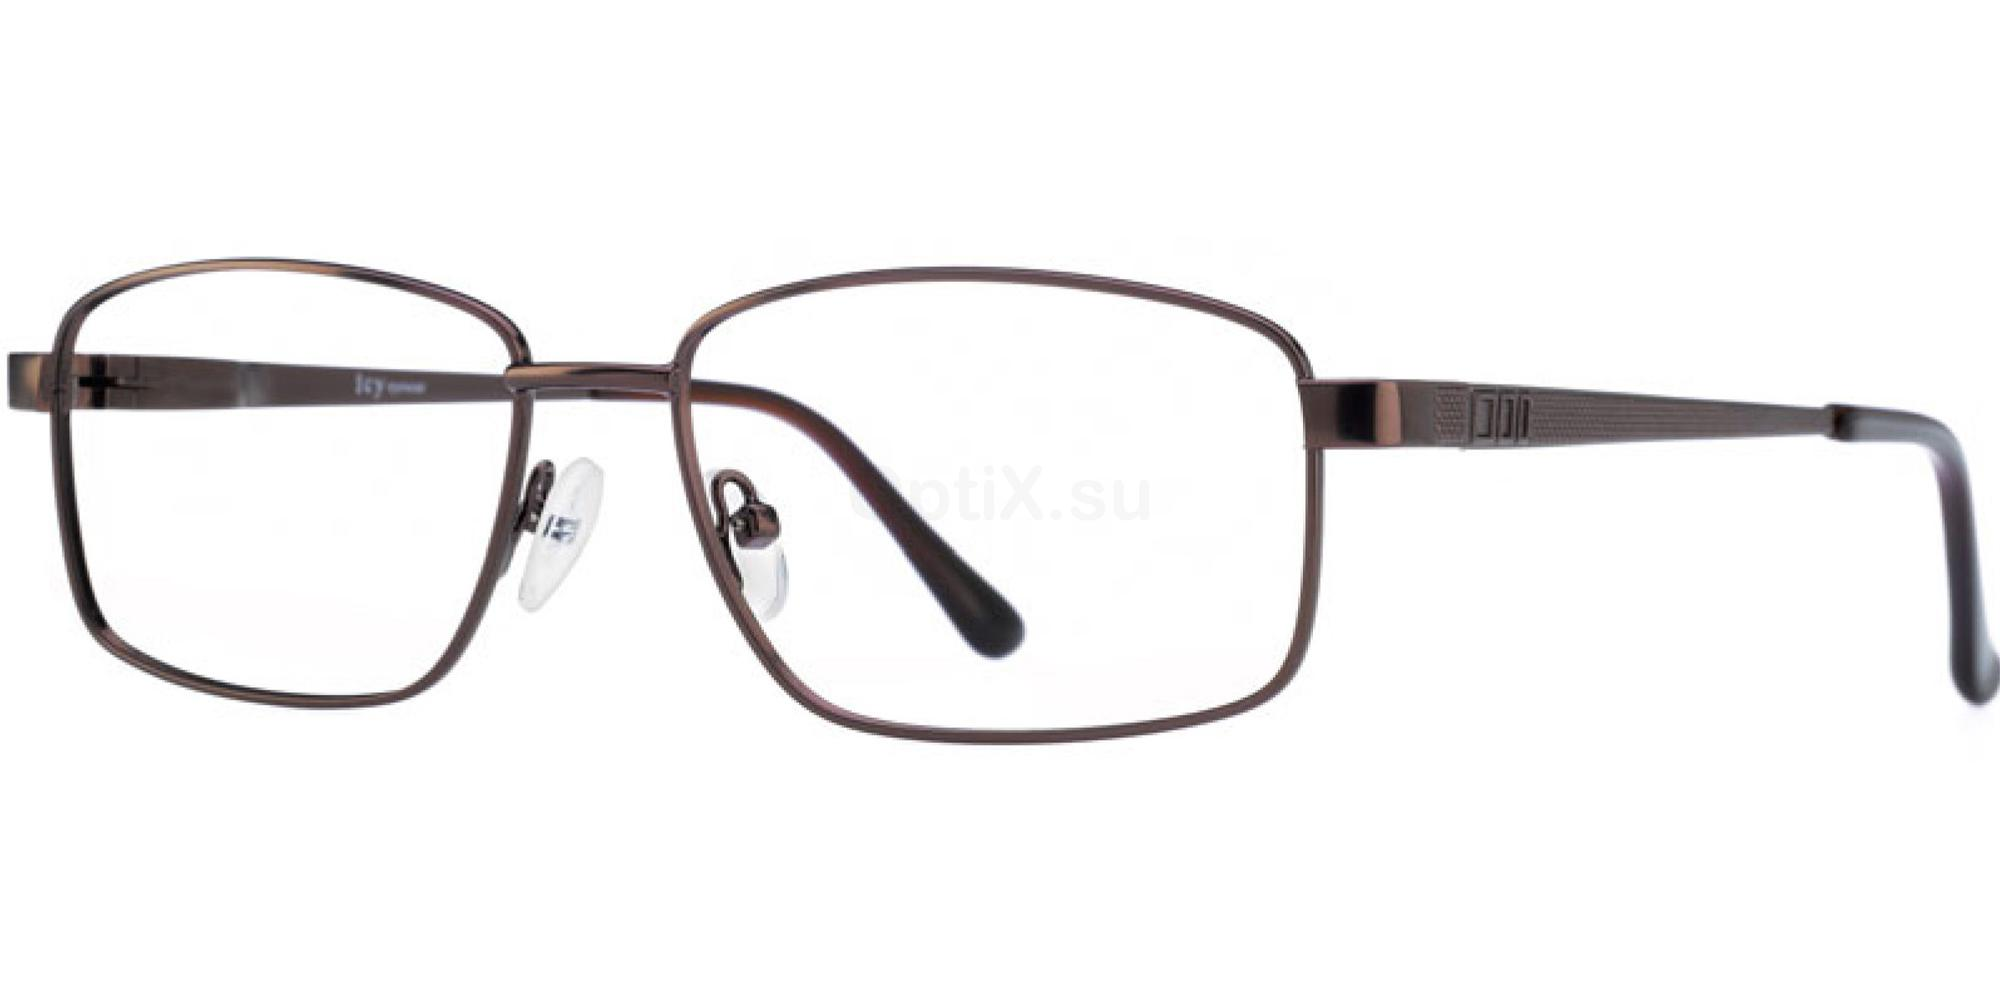 C1 Icy 776 Glasses, Icy Eyewear - Metals